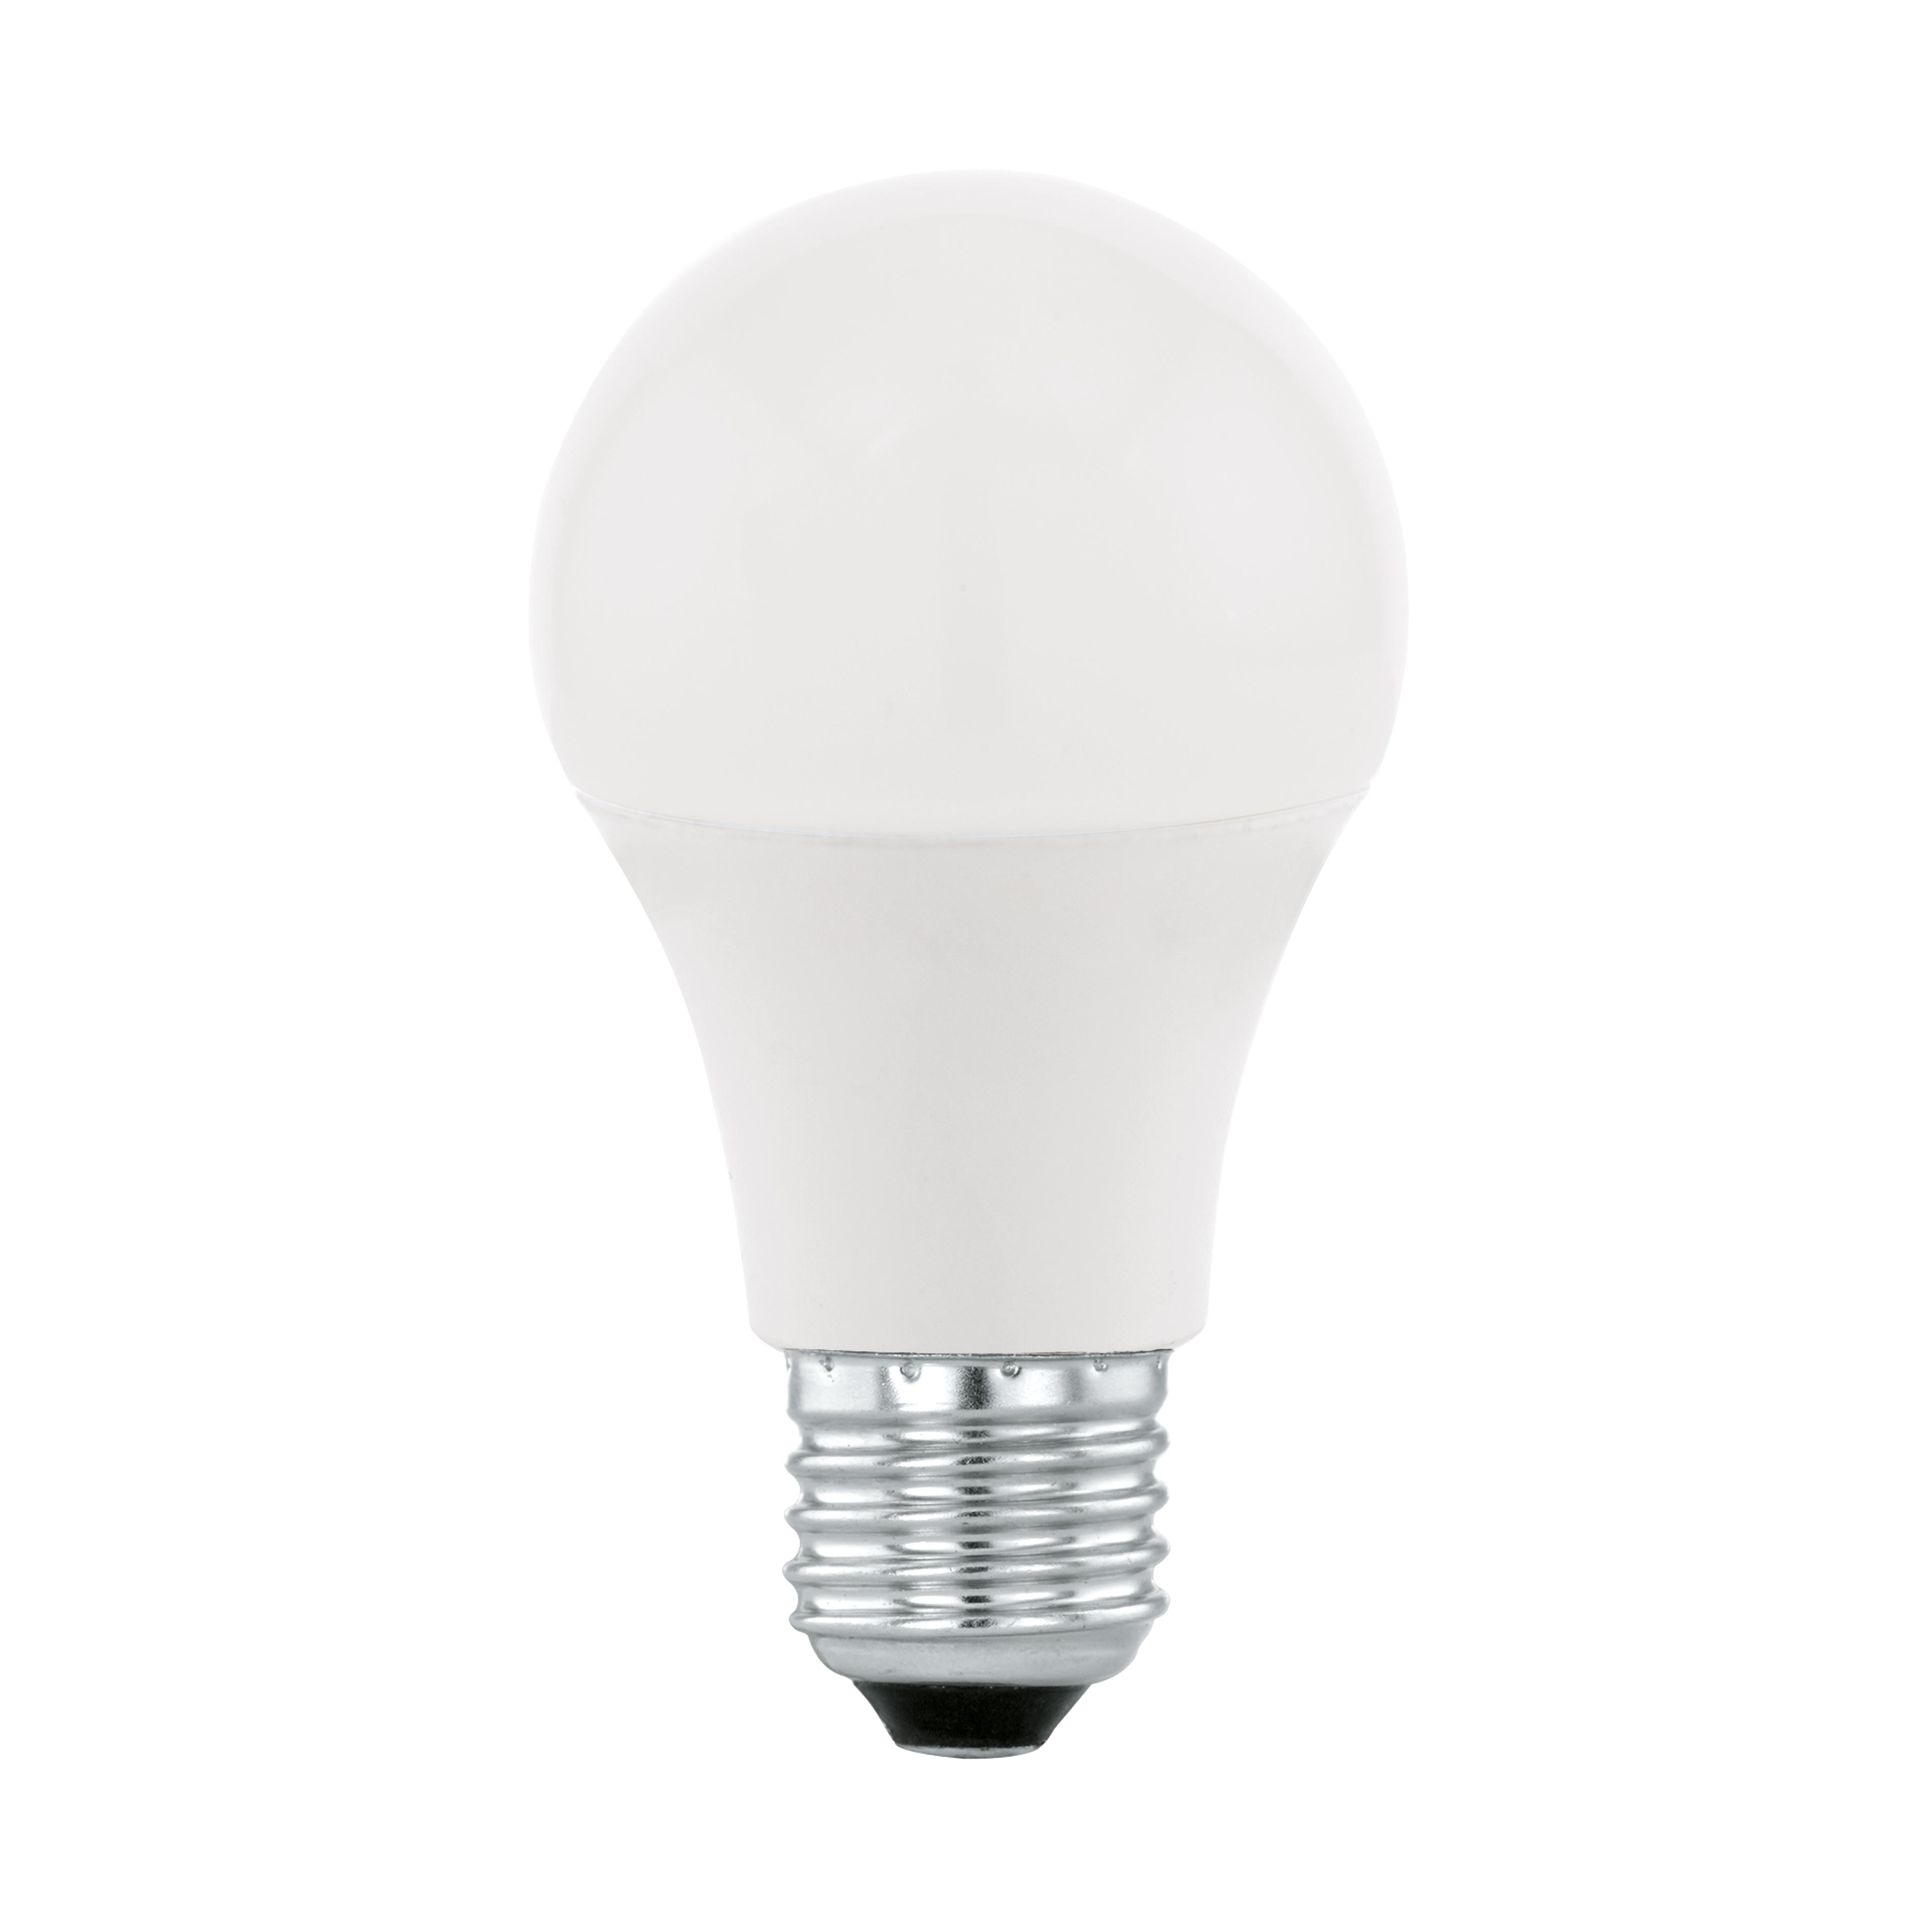 Eglo LM_LED_E27 11684